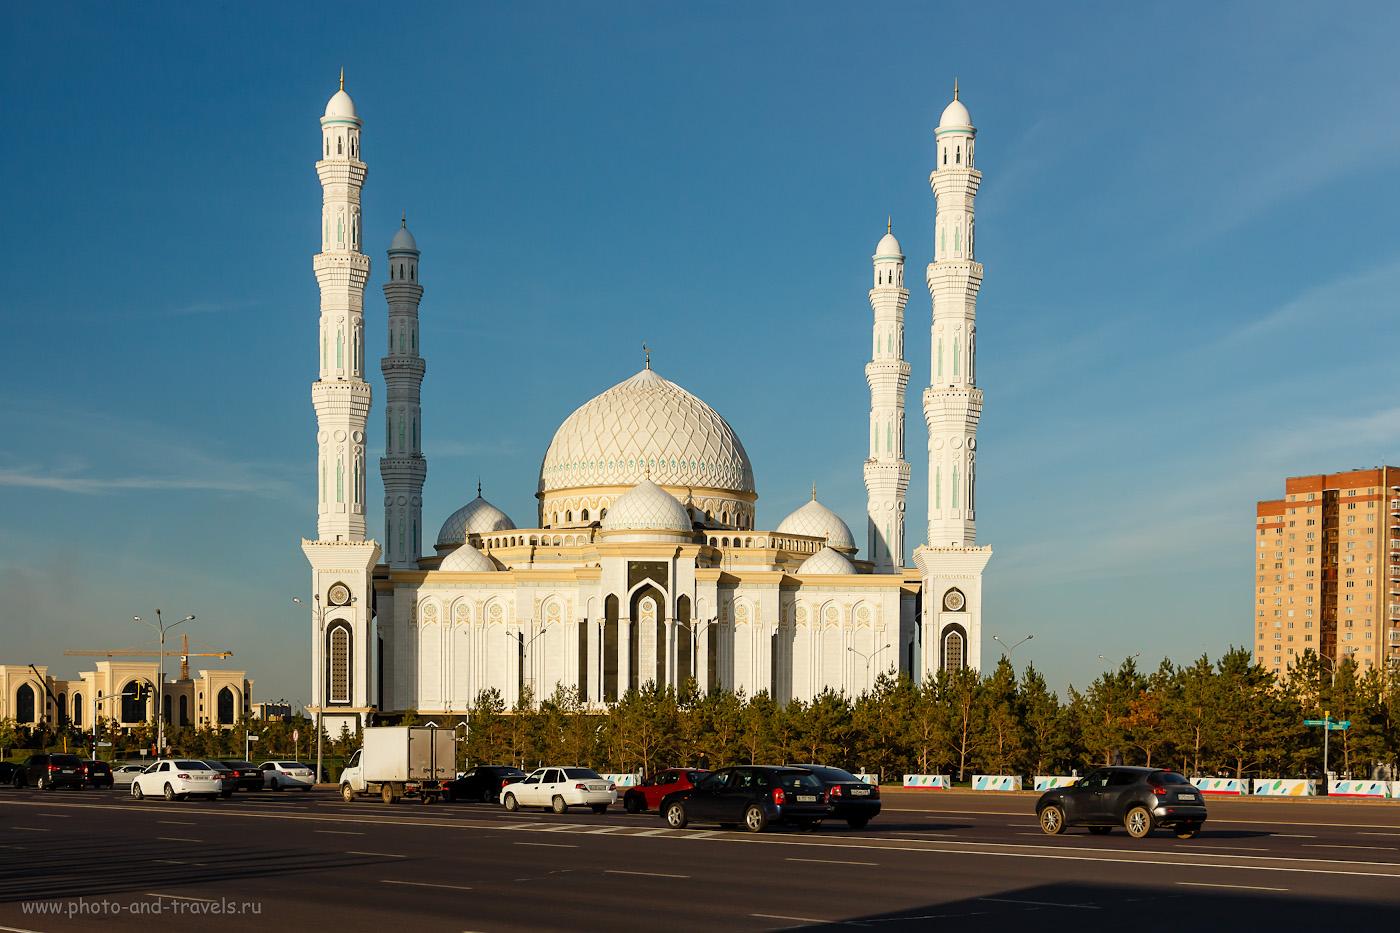 Снимок 22. Соборная мечеть «Хазрет Султан» в Астане. Интересные места столицы Казахстана. 1/400, +0.33, 8.0, 200, 35.